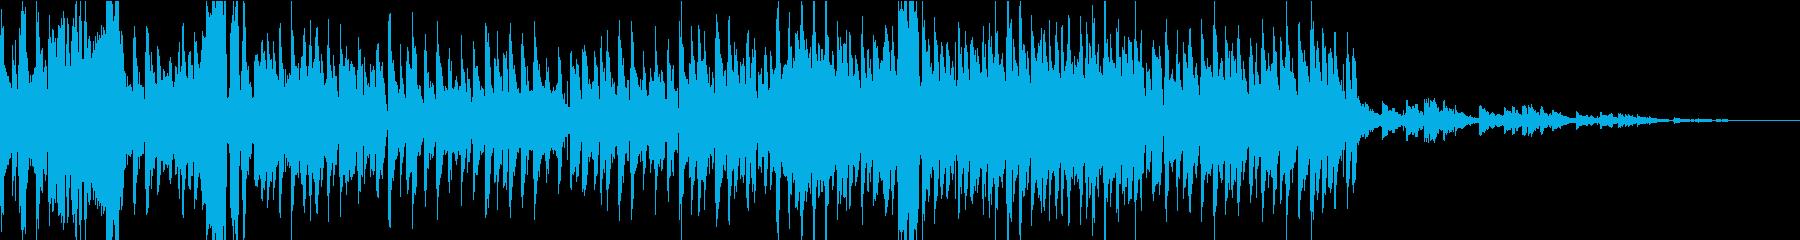 二胡が奏でるしっとりした中華風EDMの再生済みの波形